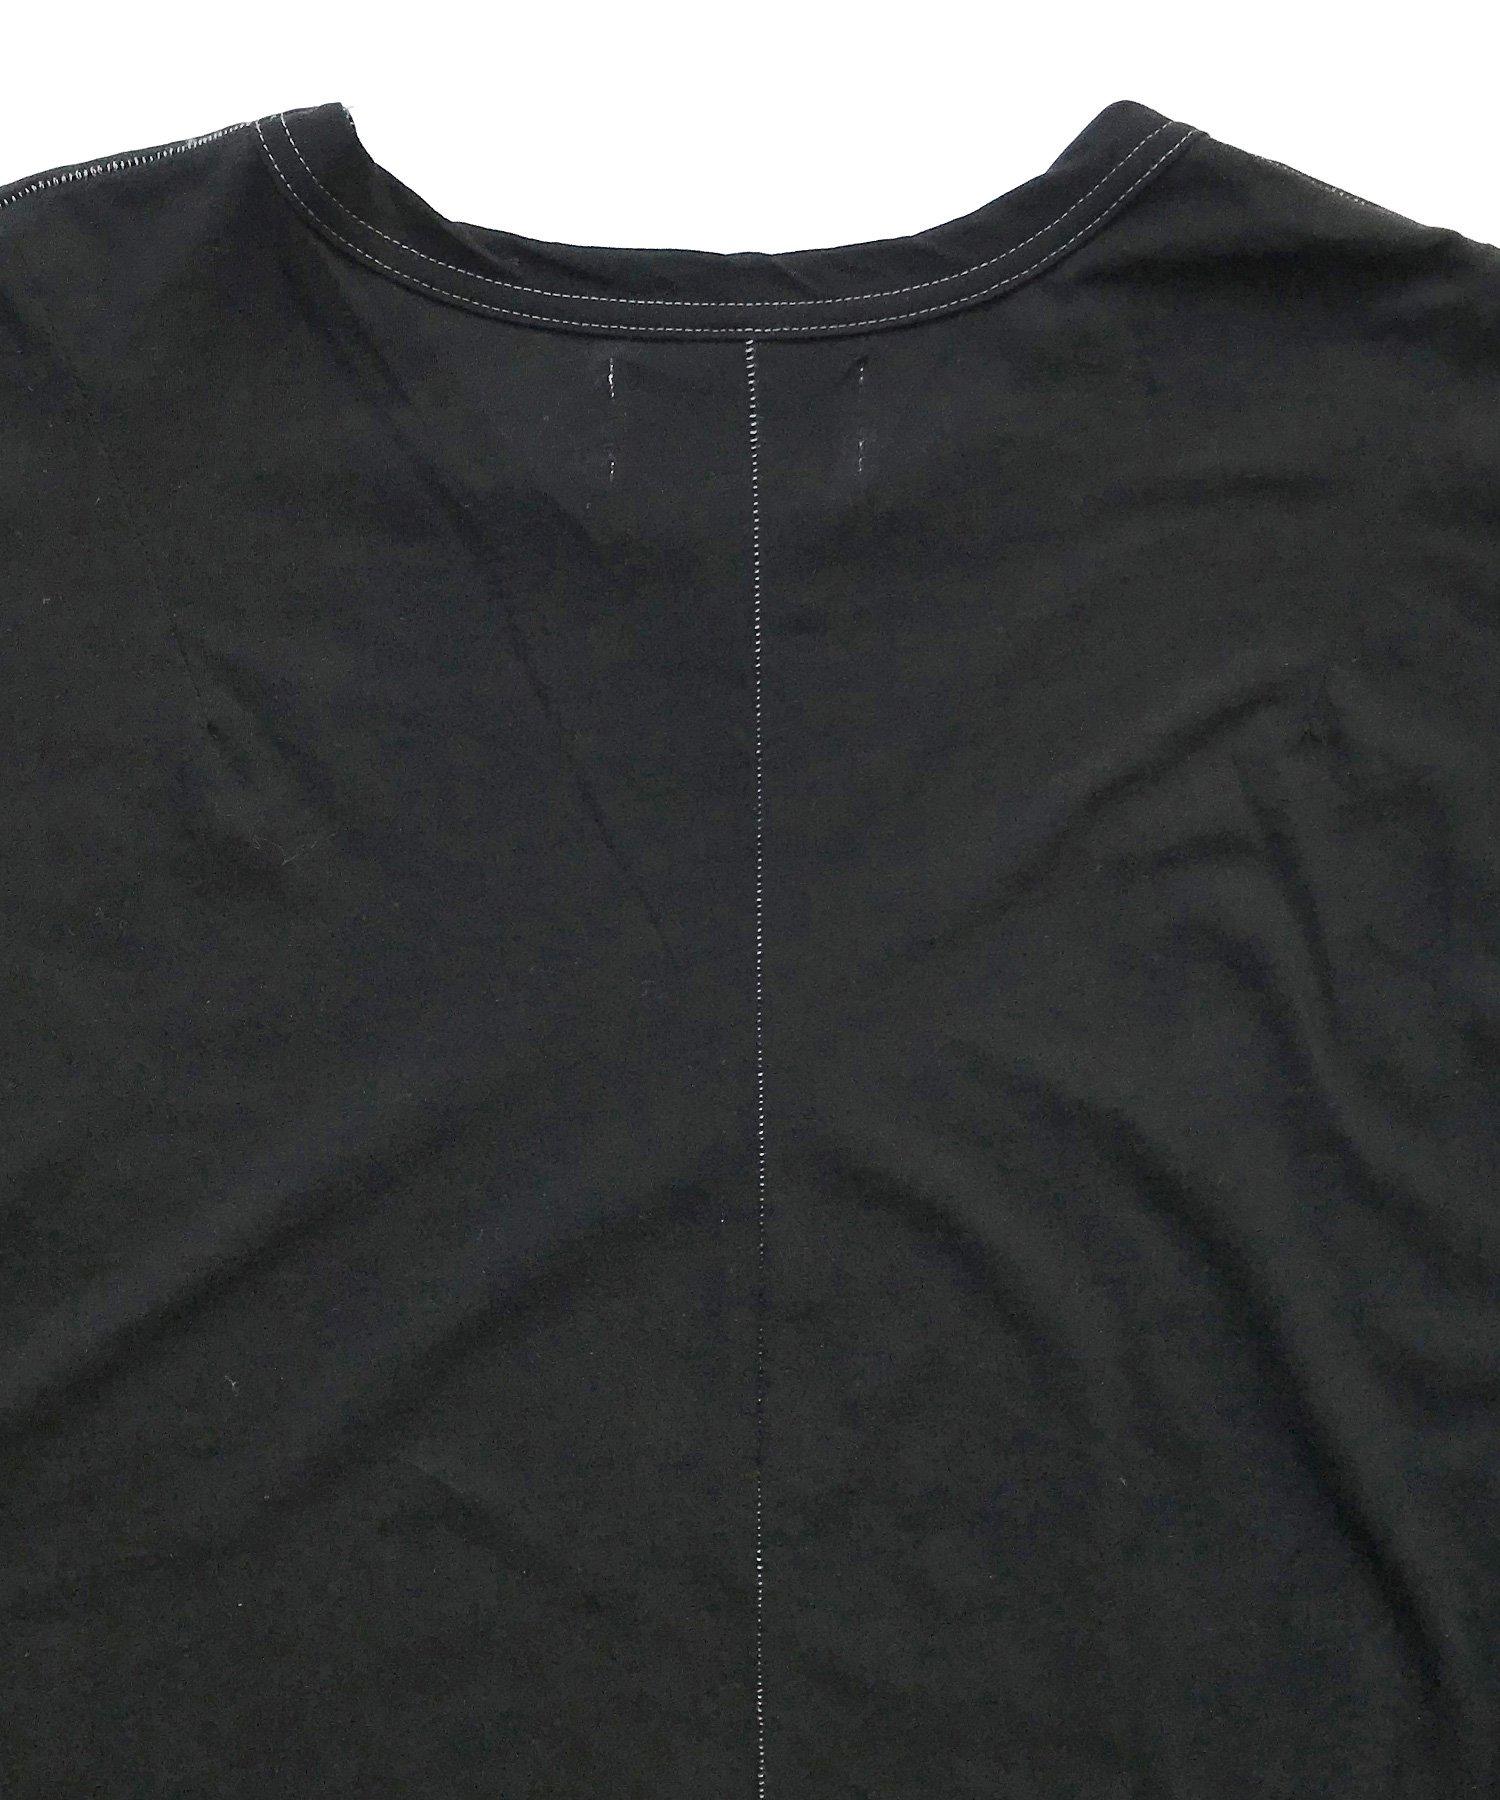 LONG SLIT L/S【Black】&【Off】